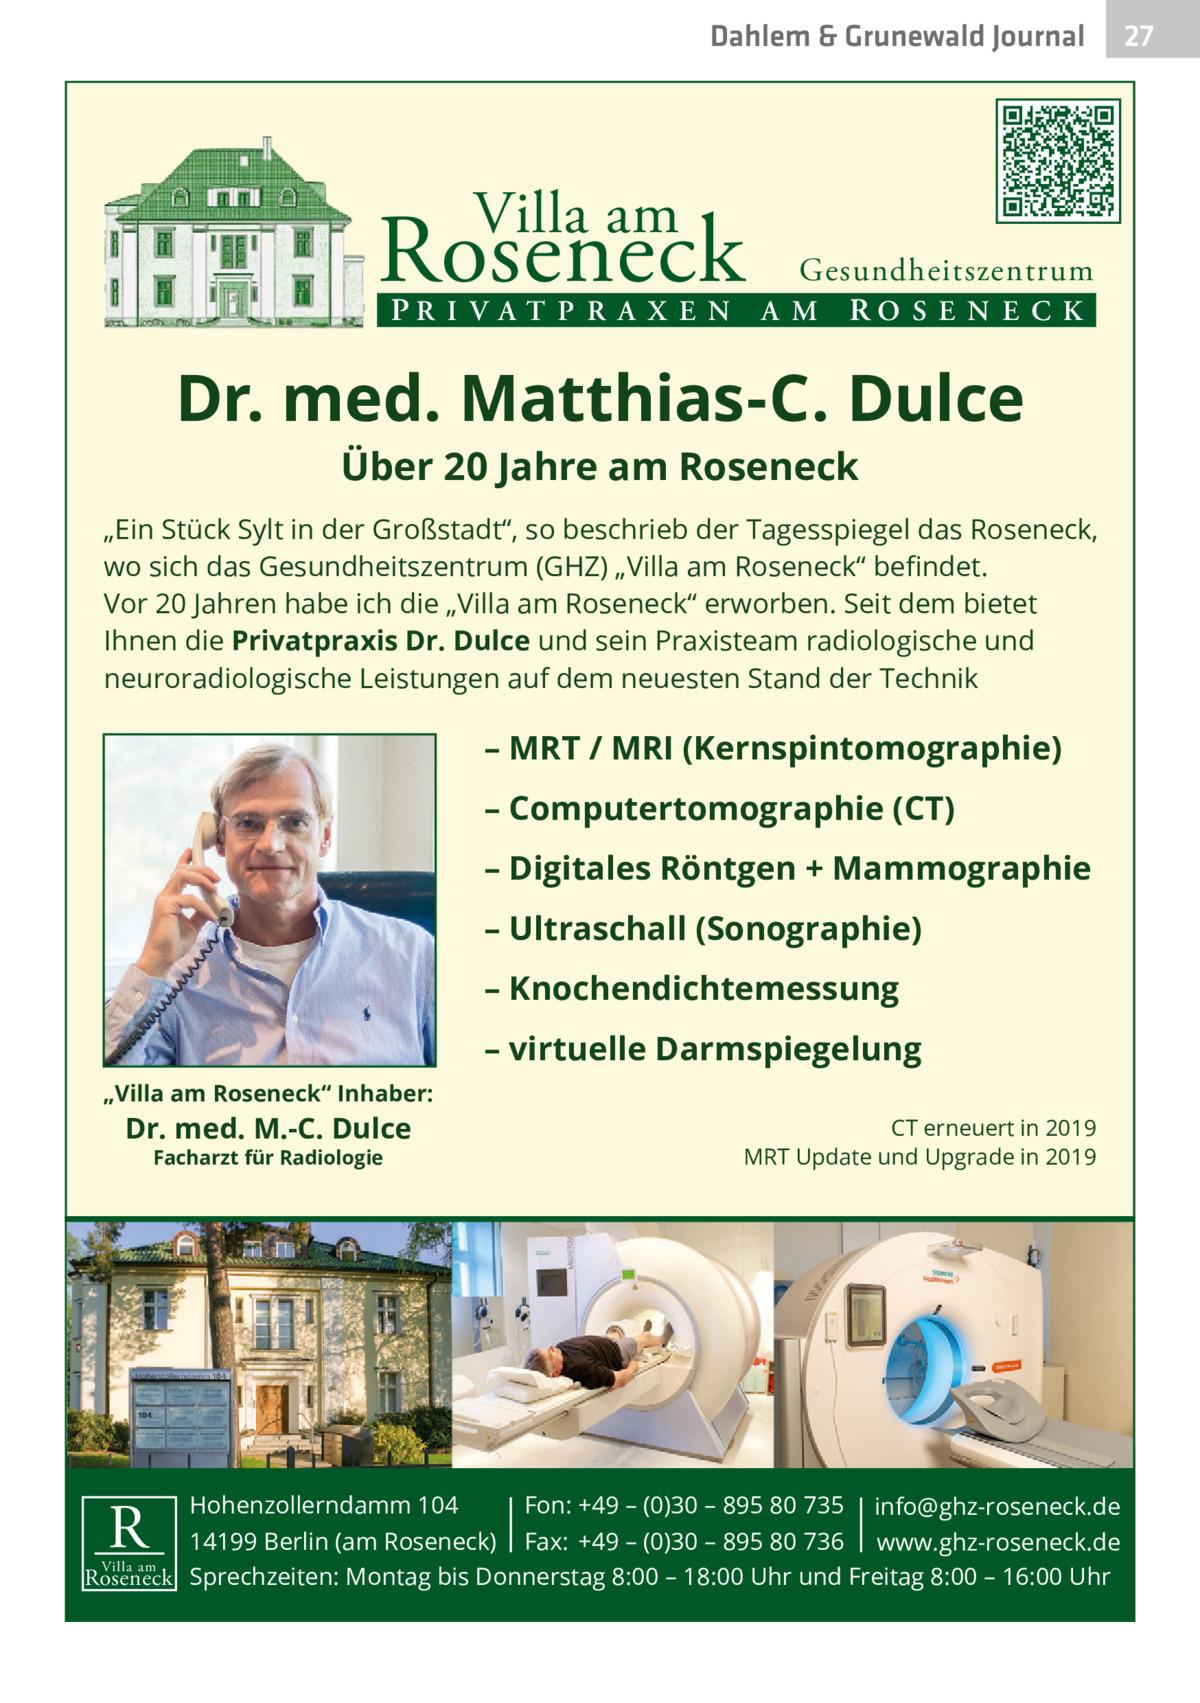 """Dahlem & Grunewald Journal  Villa am  Roseneck  Gesundheitszentrum PR I V A T P R A X E N A M RO S E N E C K  Dr. med. Matthias-C. Dulce Über 20 Jahre am Roseneck  """"Ein Stück Sylt in der Großstadt"""", so beschrieb der Tagesspiegel das Roseneck, wo sich das Gesundheitszentrum (GHZ) """"Villa am Roseneck"""" befindet. Vor 20 Jahren habe ich die """"Villa am Roseneck"""" erworben. Seit dem bietet Ihnen die Privatpraxis Dr. Dulce und sein Praxisteam radiologische und neuroradiologische Leistungen auf dem neuesten Stand der Technik  – MRT / MRI (Kernspintomographie) – Computertomographie (CT) – Digitales Röntgen + Mammographie – Ultraschall (Sonographie) – Knochendichtemessung – virtuelle Darmspiegelung """"Villa am Roseneck"""" Inhaber:  Dr. med. M.-C. Dulce Facharzt für Radiologie  CT erneuert in 2019 MRT Update und Upgrade in 2019  Hohenzollerndamm 104 Fon: +49 – (0)30 – 895 80 735 info@ghz-roseneck.de 14199 Berlin (am Roseneck) Fax: +49 – (0)30 – 895 80 736 www.ghz-roseneck.de Villa am Roseneck Sprechzeiten: Montag bis Donnerstag 8:00 – 18:00 Uhr und Freitag 8:00 – 16:00 Uhr  R  27 27"""